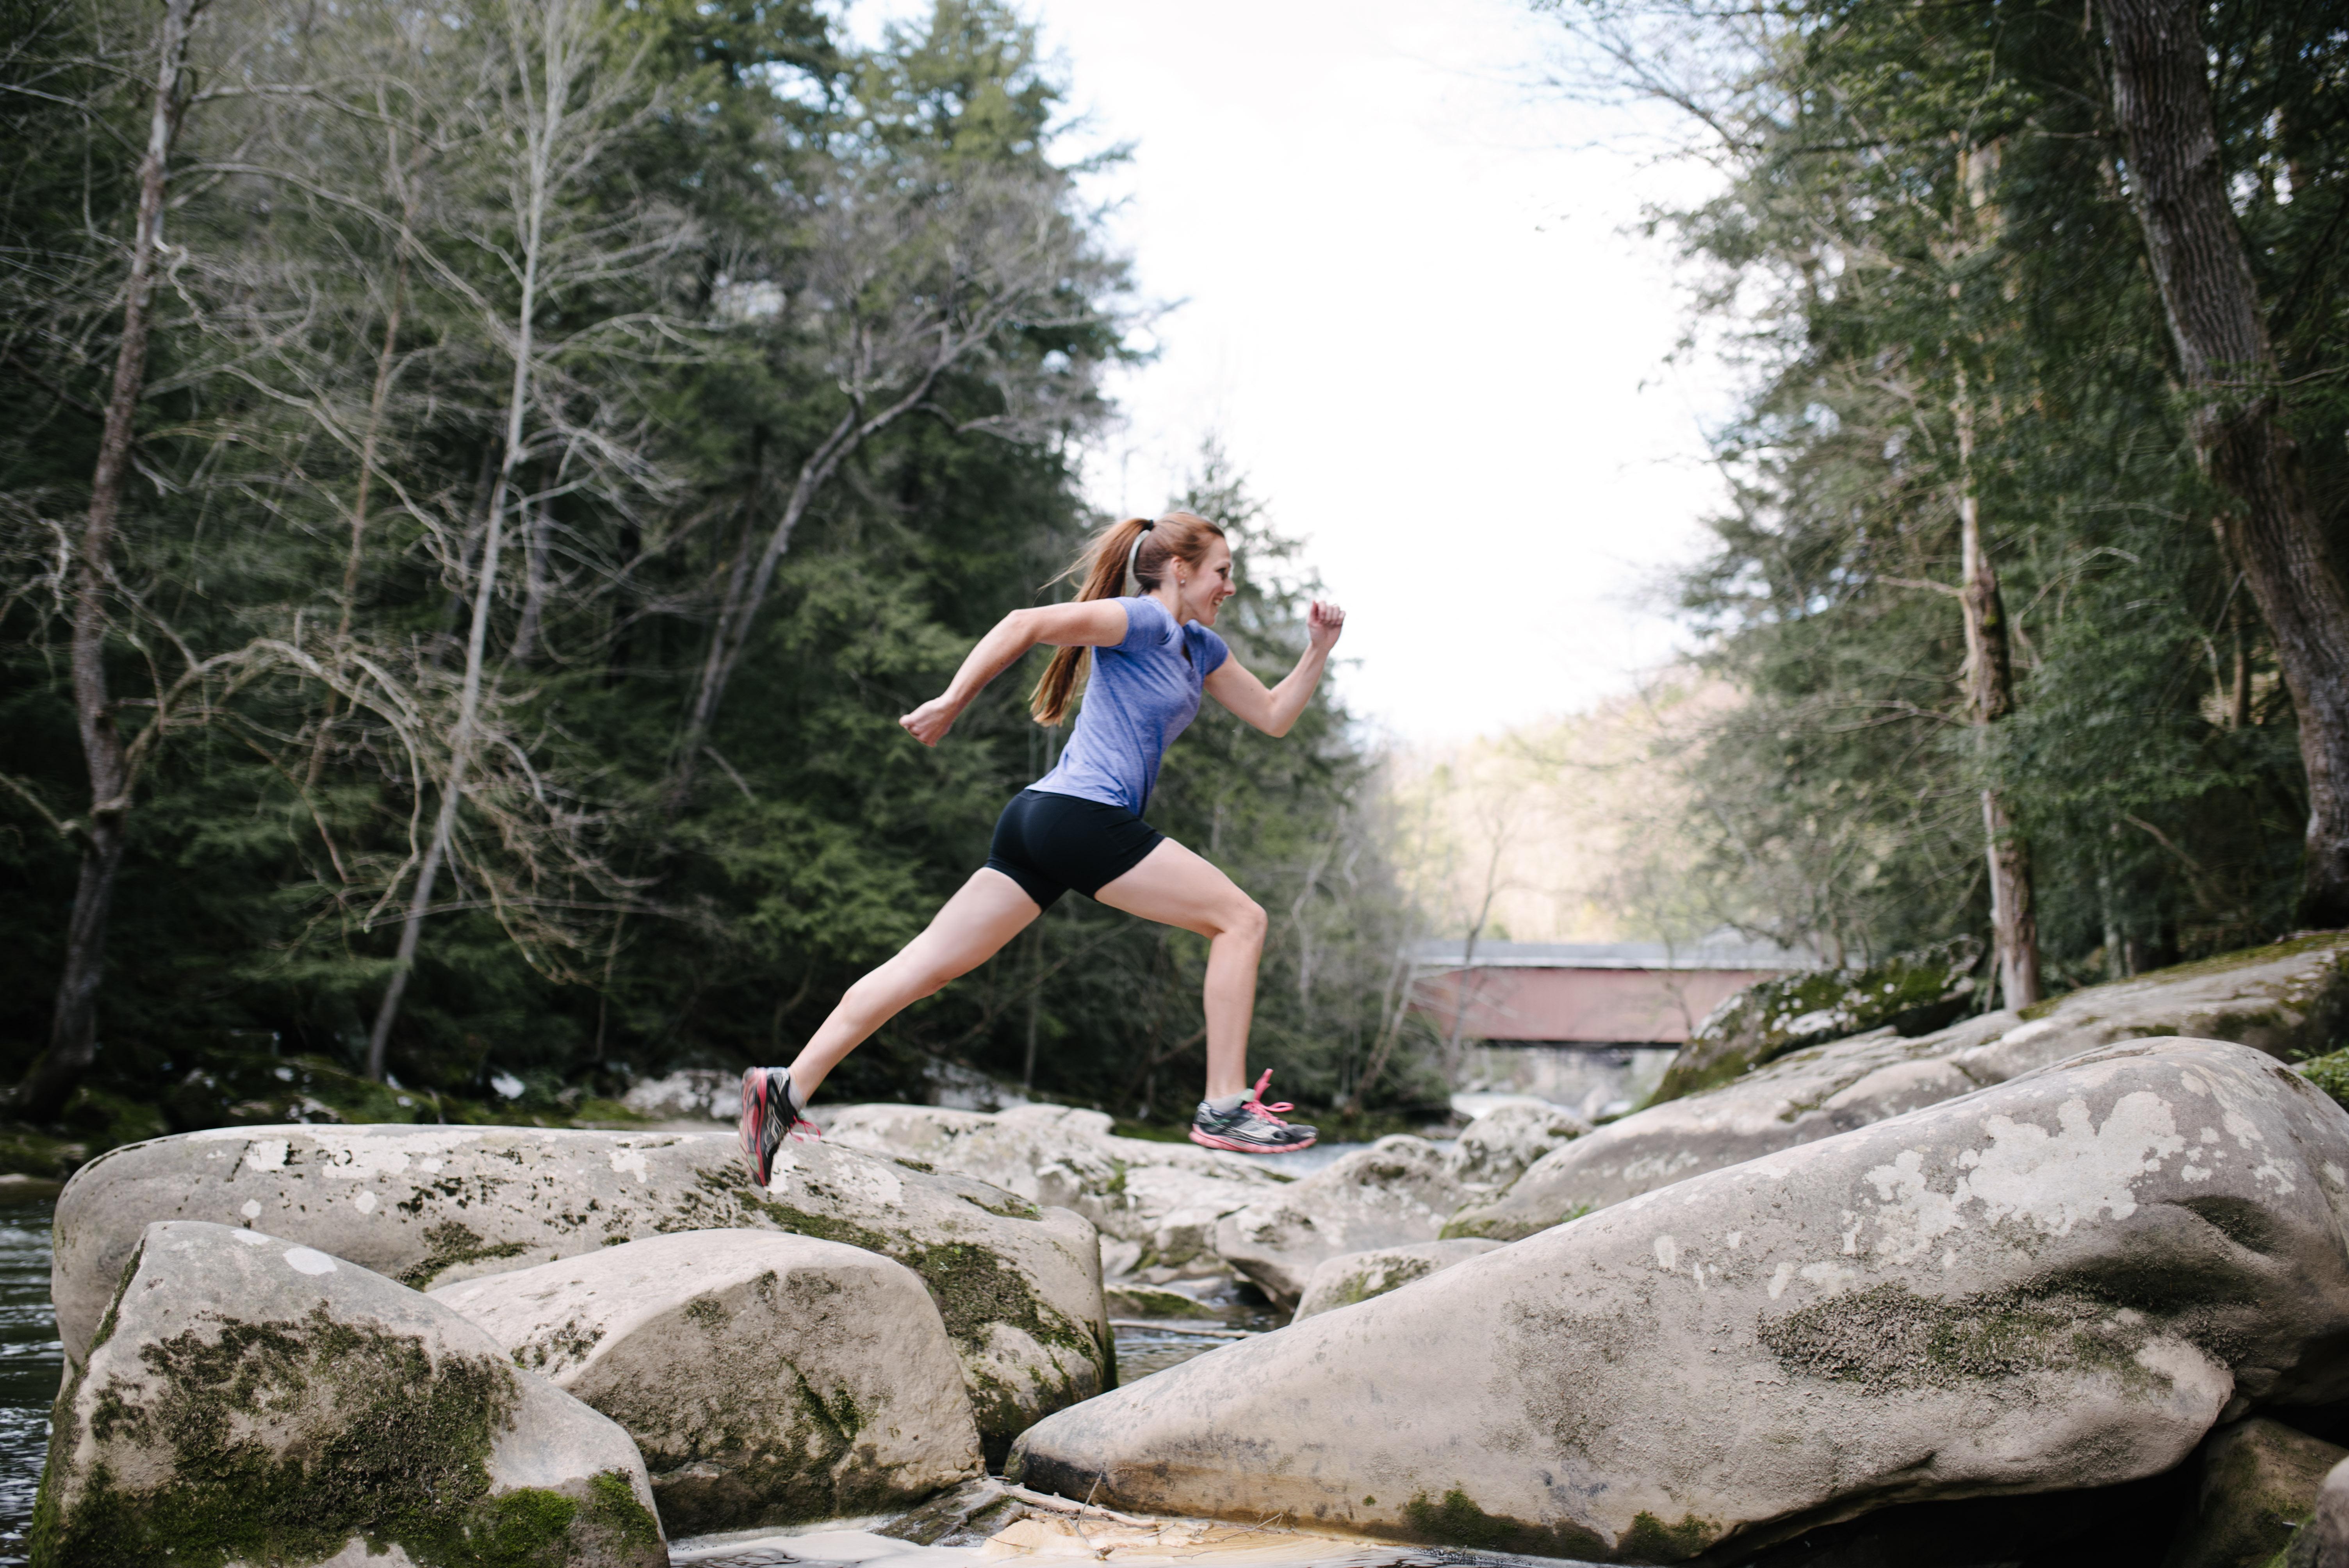 jenni hulburt jumping across rocks